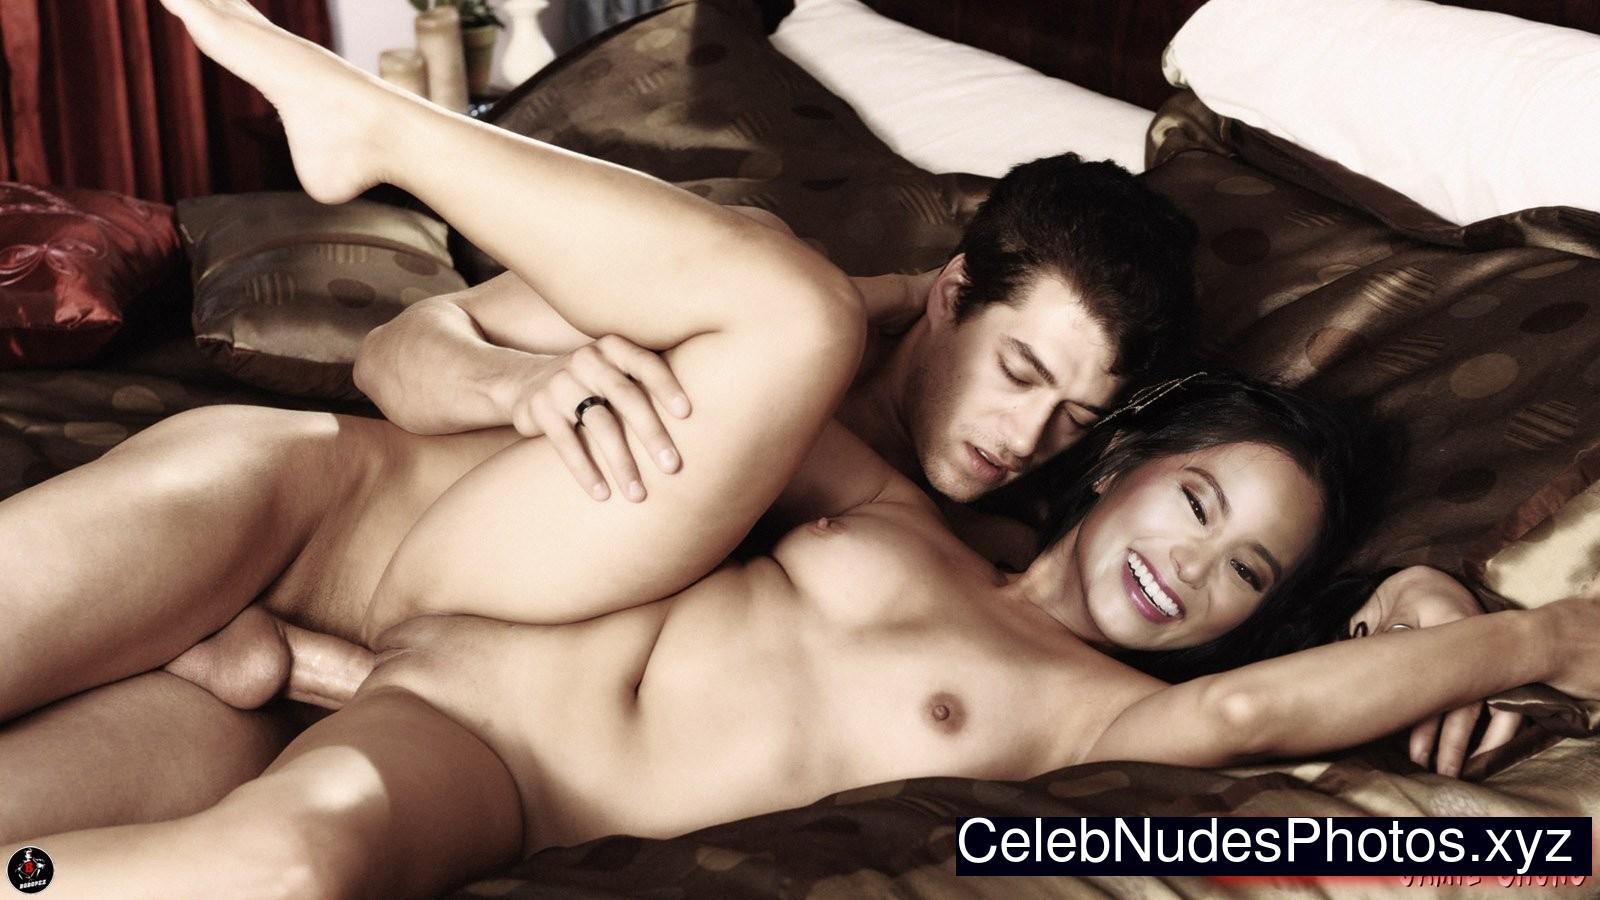 jamie chung nude pics with dildos